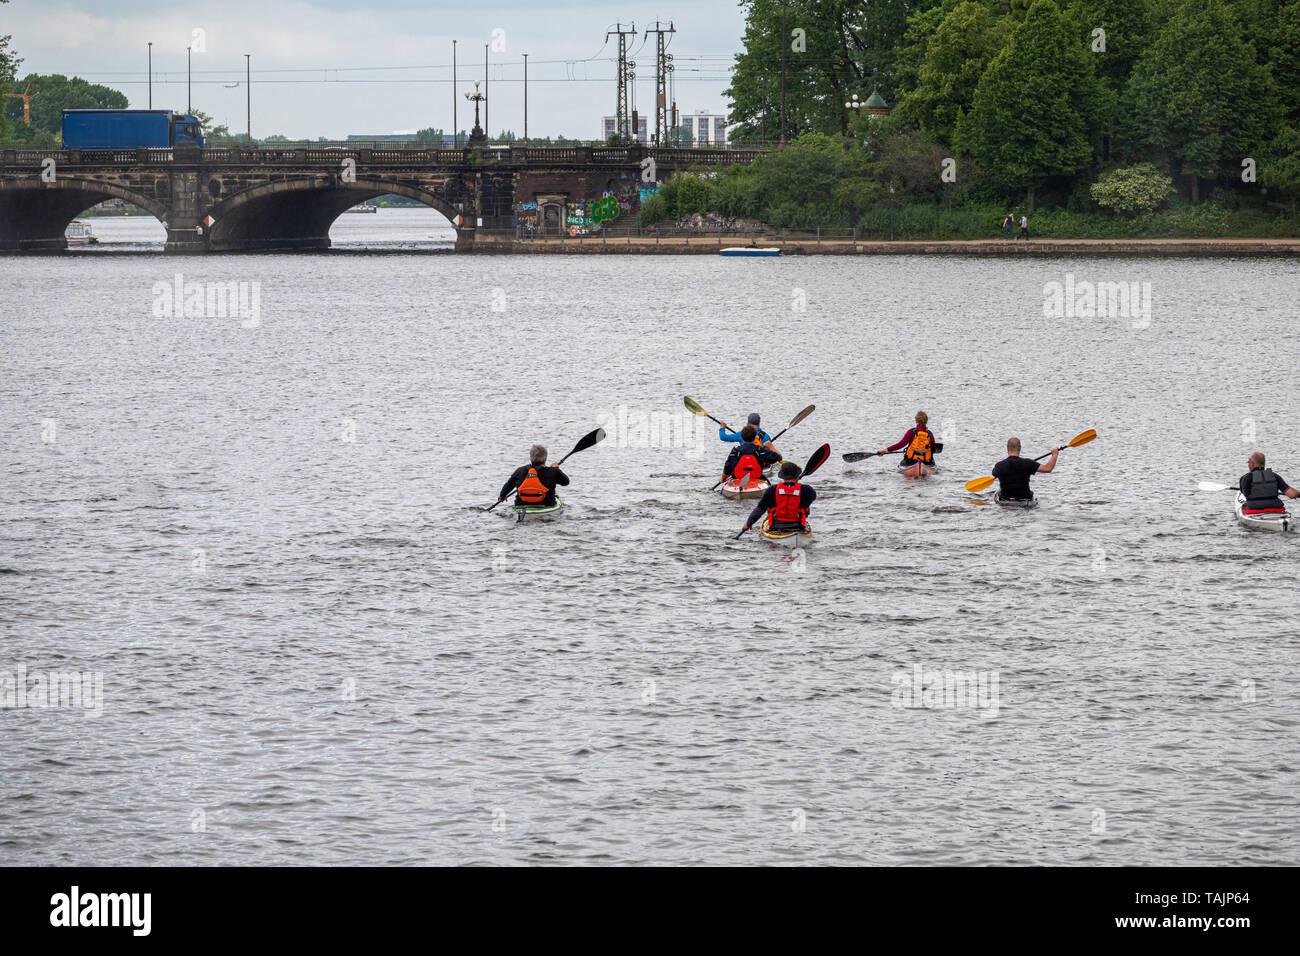 Eine Gruppe von kanuten bricht zu einer Reise auf dem Wasser Stockfoto